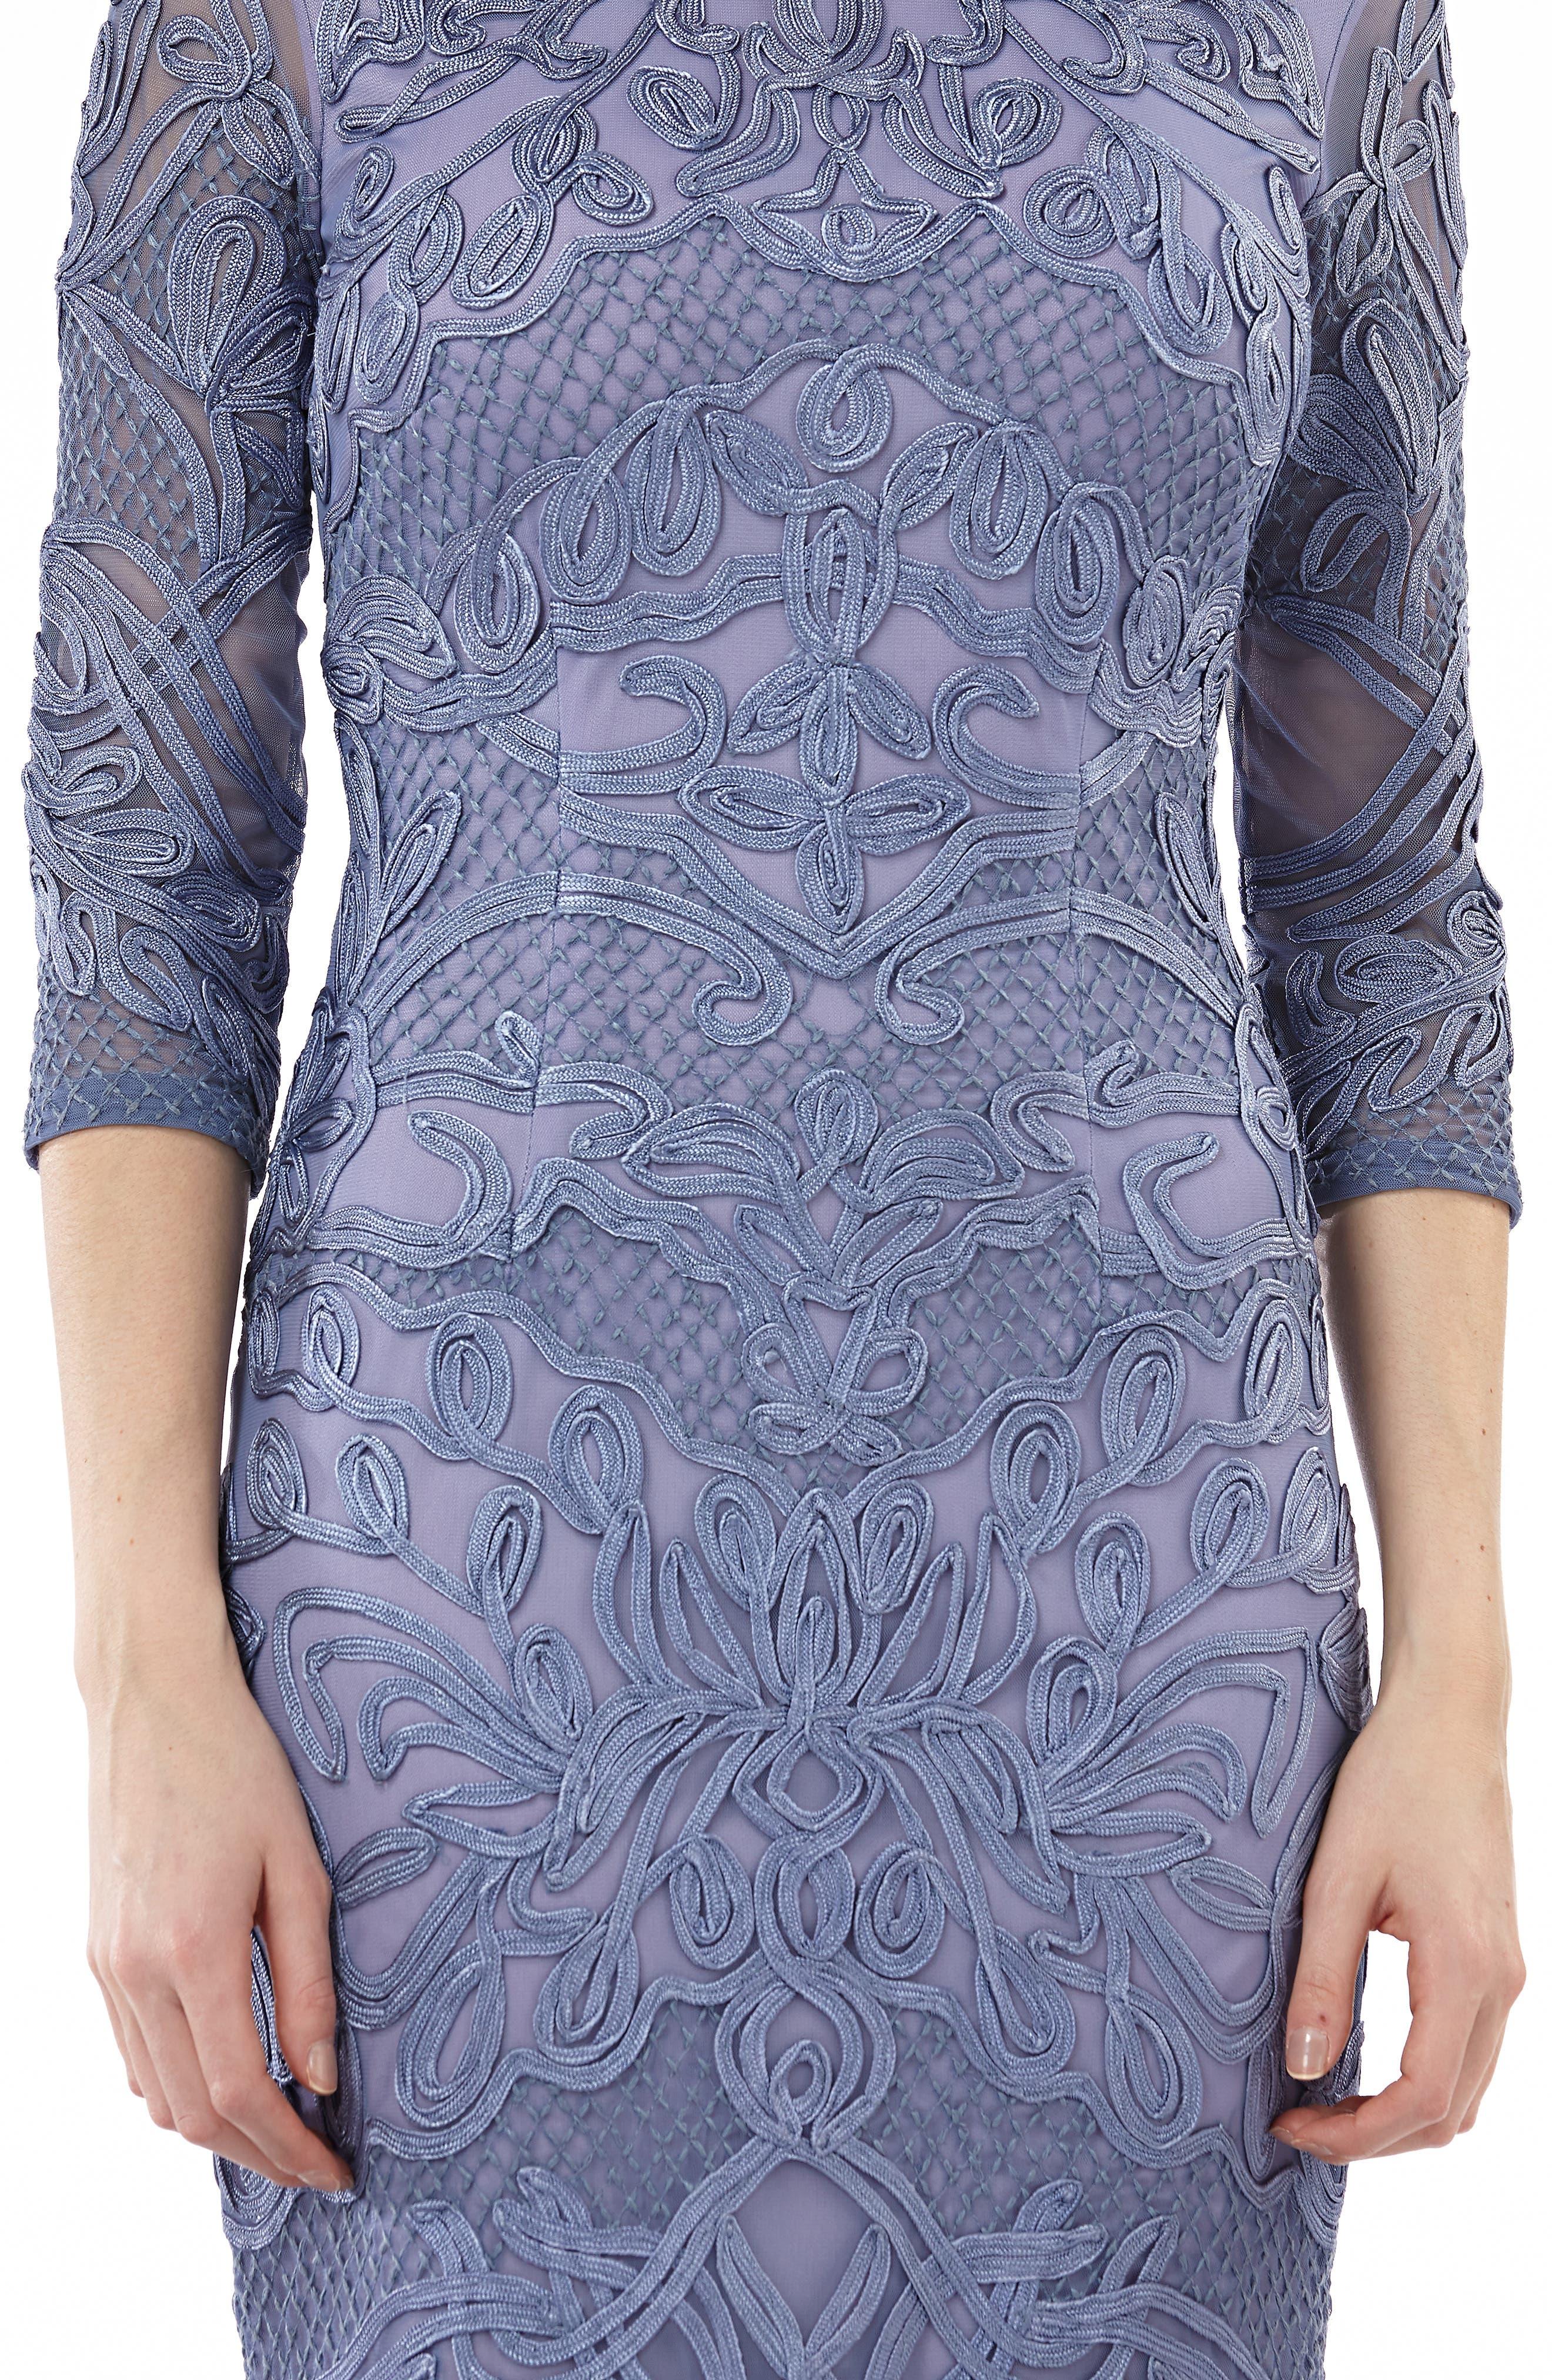 JS COLLECTIONS, Soutache Sheath Dress, Alternate thumbnail 5, color, PERIWINKLE